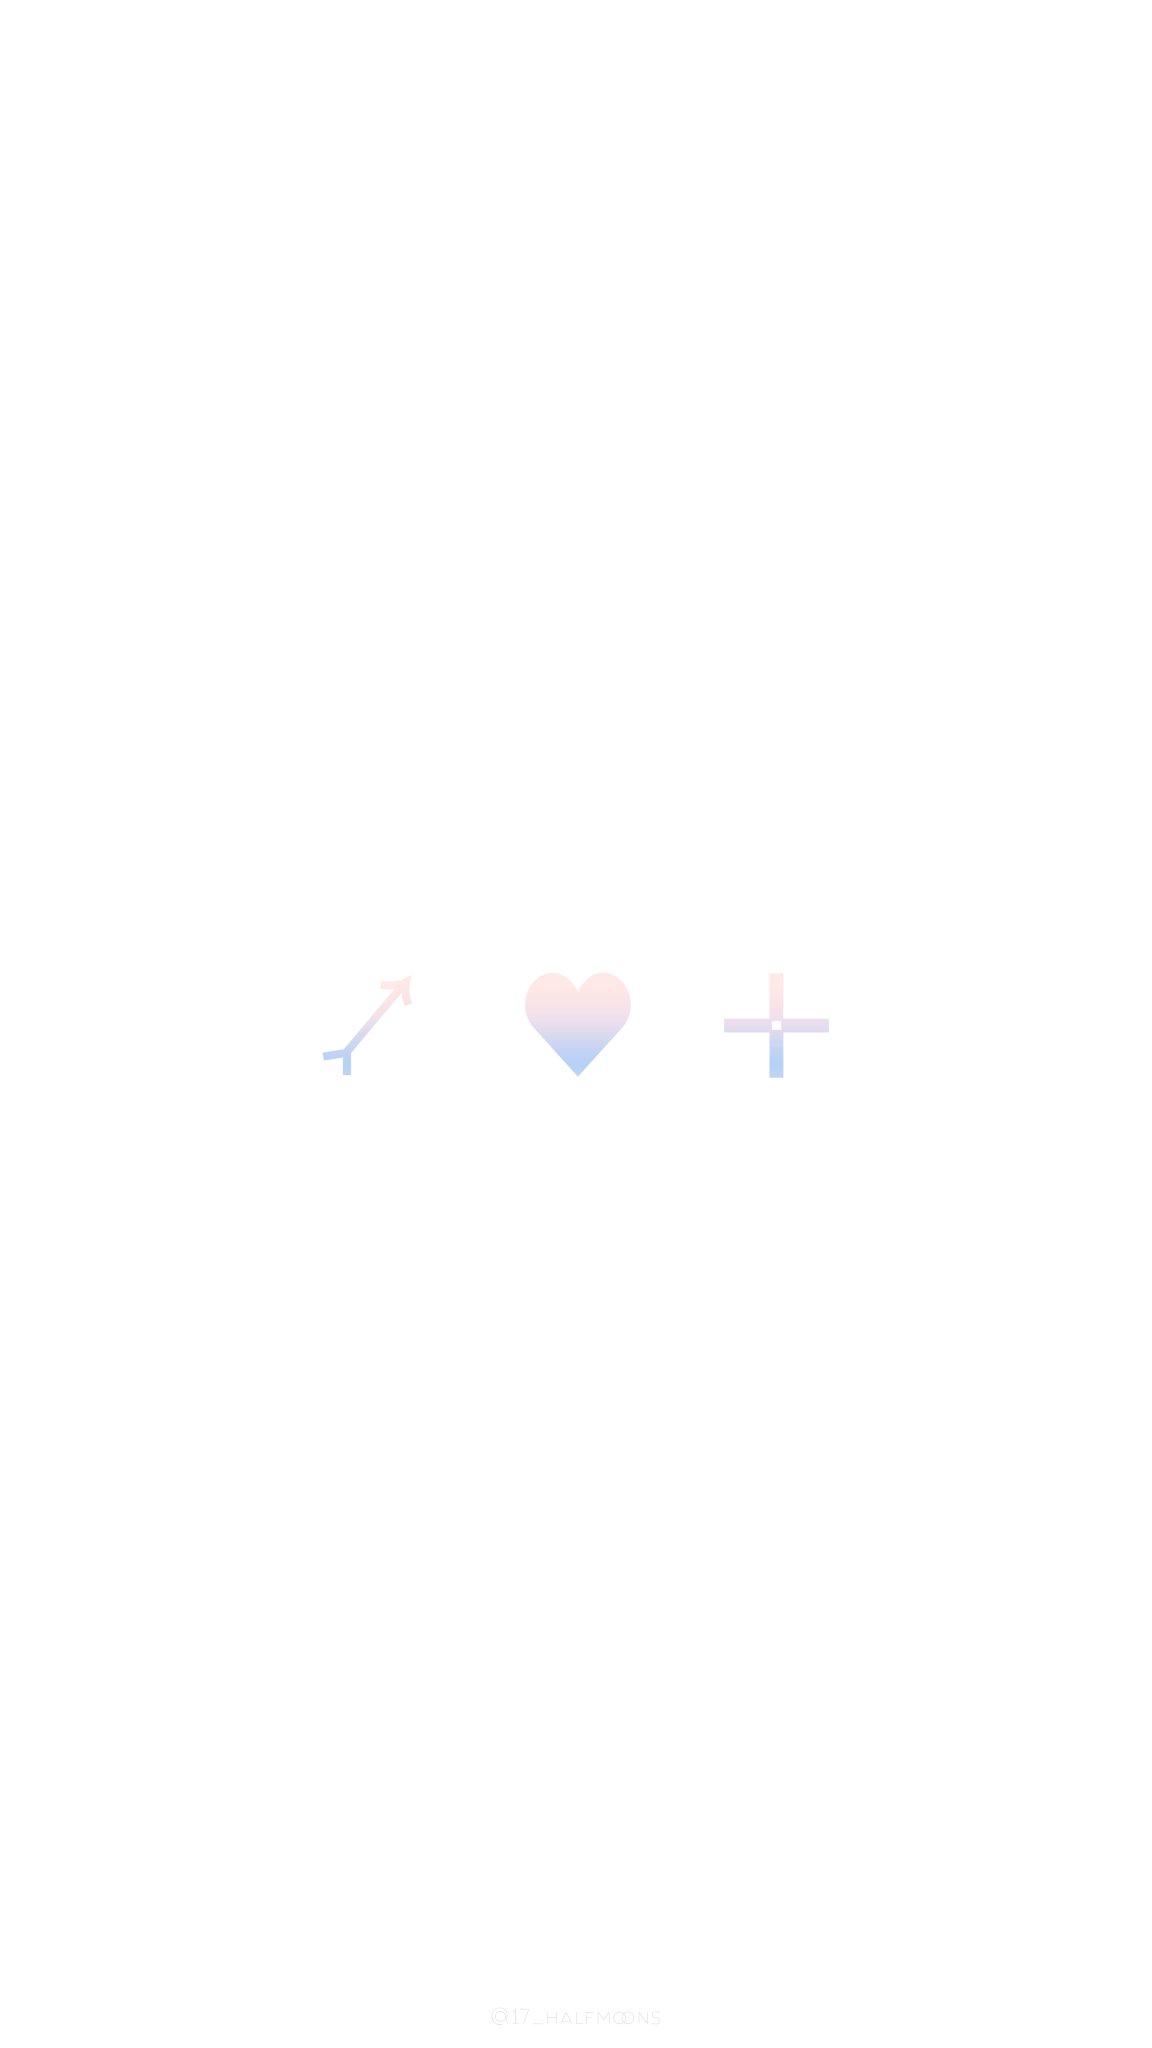 𝕡𝕚𝕟𝕥𝕖𝕣𝕖𝕤𝕥 𝕣𝕒𝕘𝕙𝕕 Latar Belakang Kpop Stiker